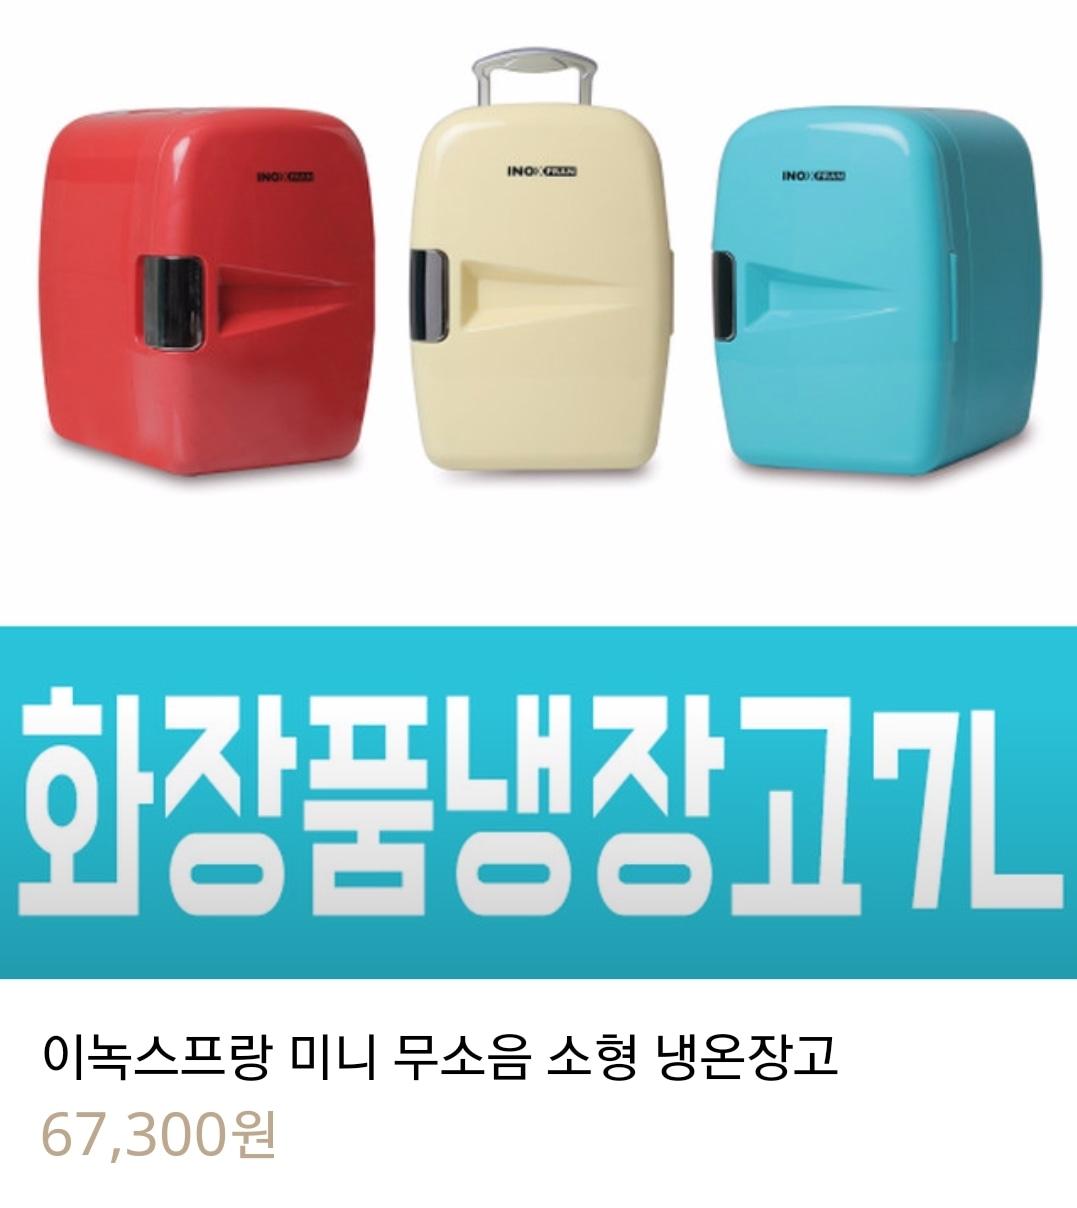 (새제품)이녹스프랑 미니 냉장고/화장품냉장고/냉온